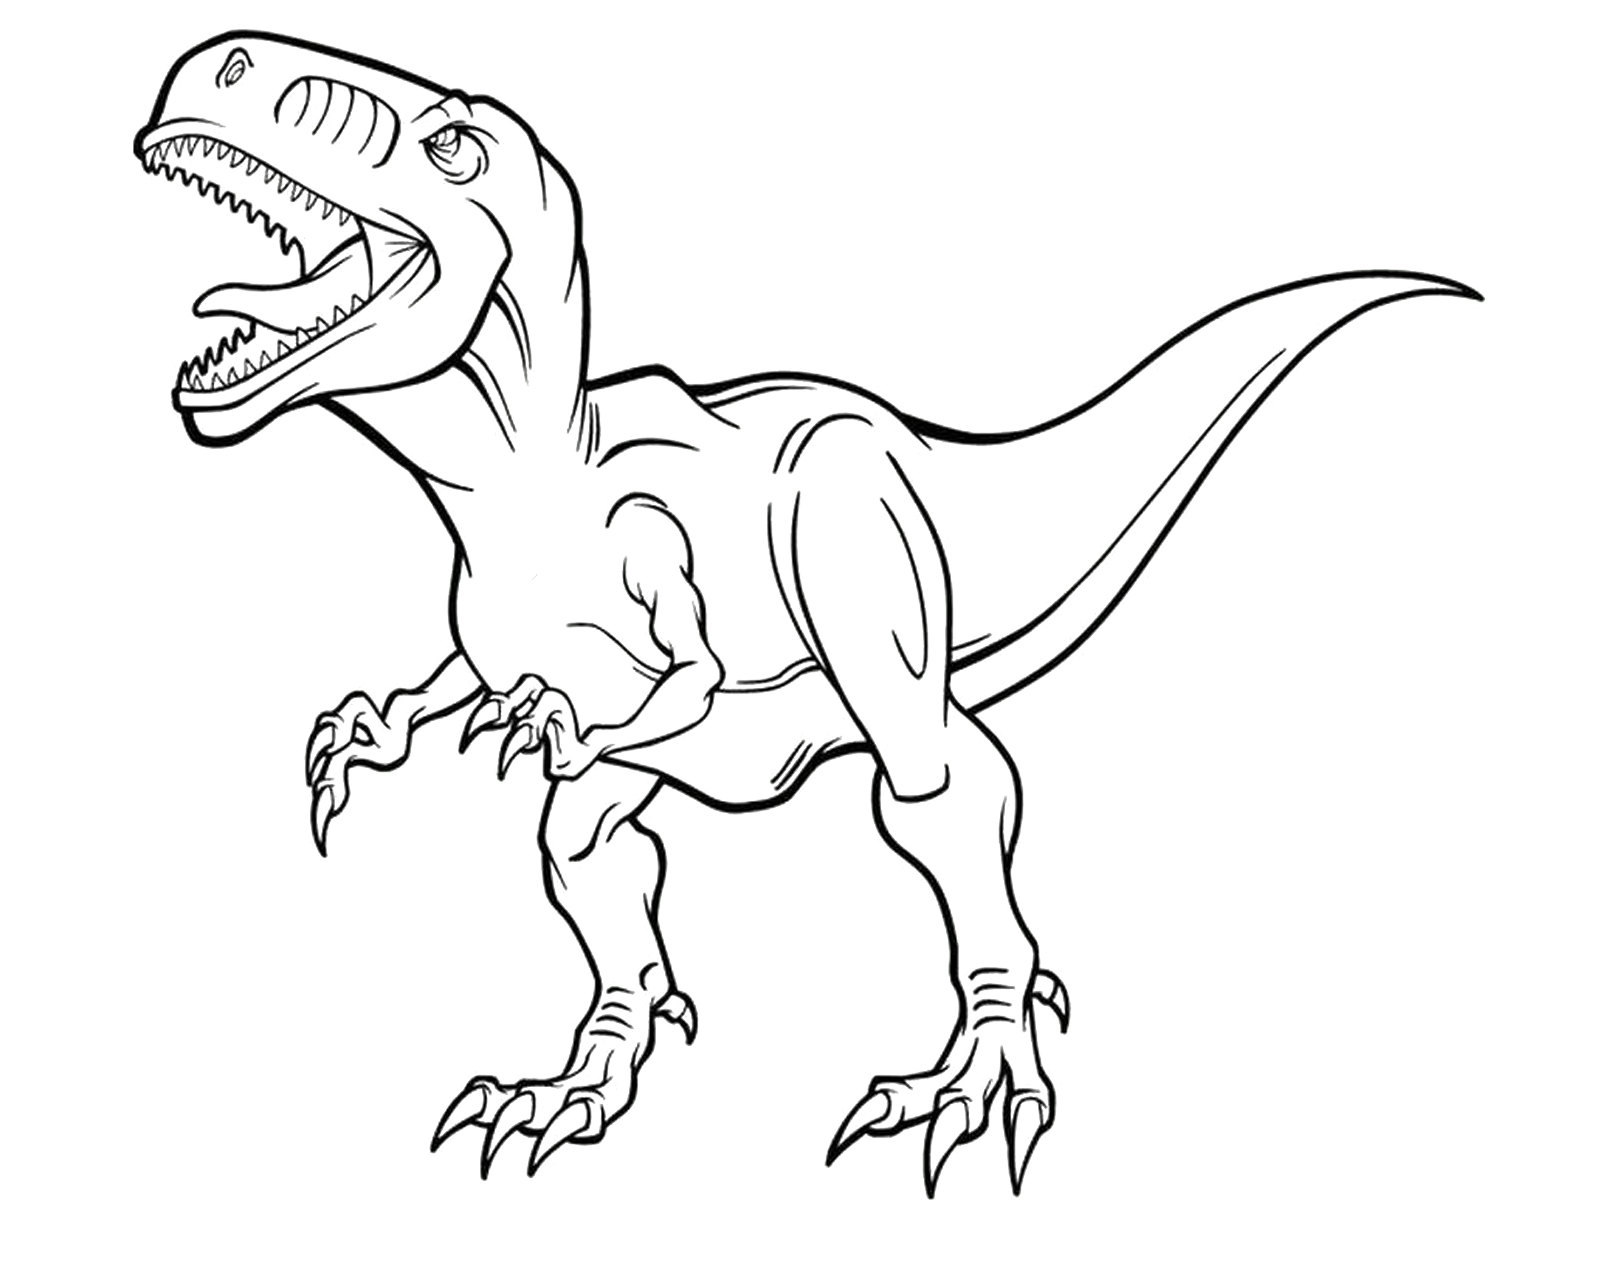 Dinosauri un albertosauro scruta l 39 orizzonte in cerca di for Disegni da colorare dinosauri